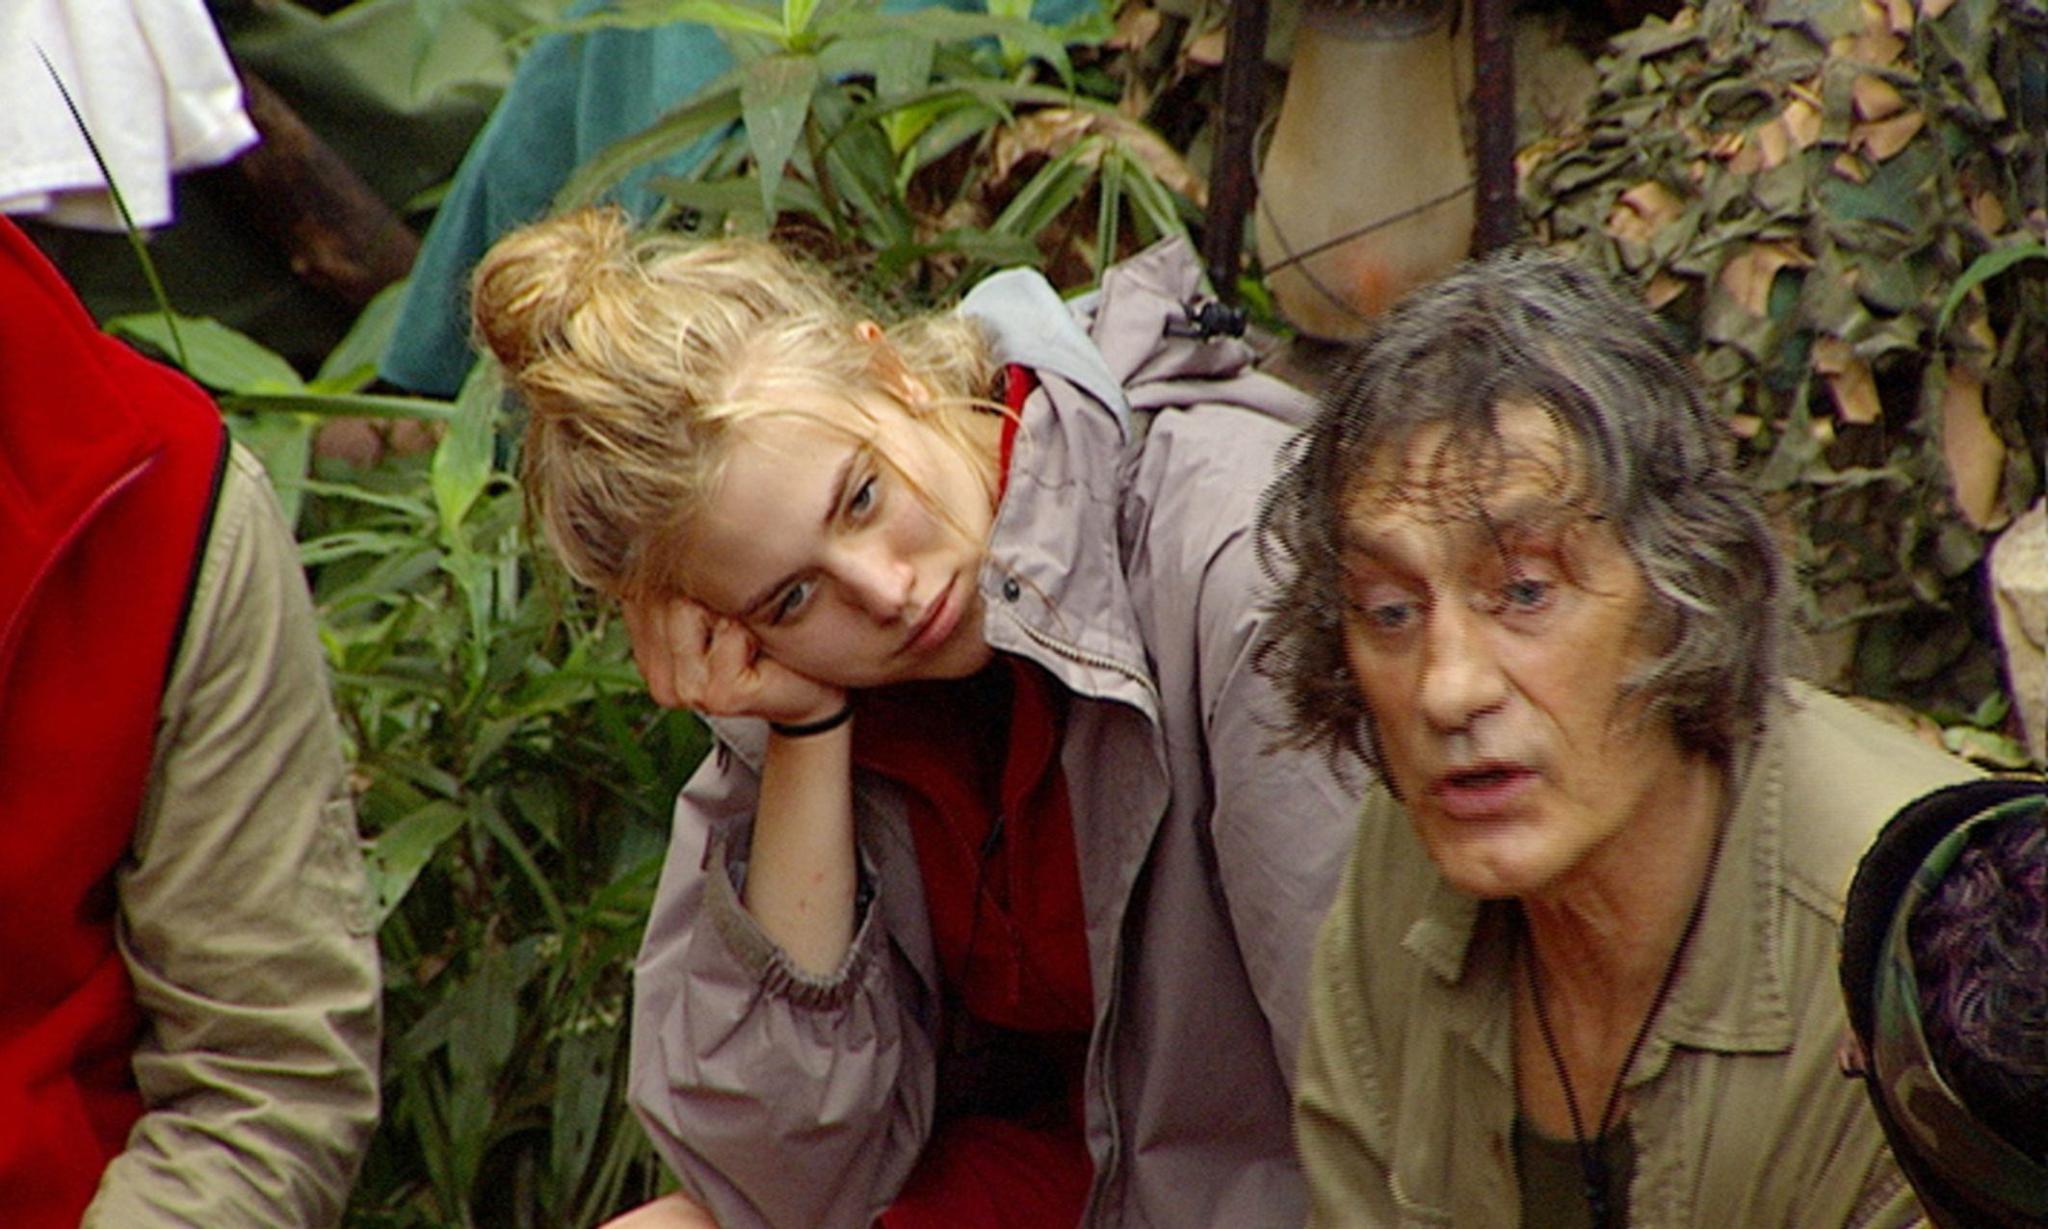 """Dschungelcamp: Larissa Marolt hört zu, während Winfried Glatzeder von seinen Schönheits-OPs erzählt. Alle Infos zu """"Ich bin ein Star - Holt mich hier raus!"""" im Special bei RTL.de"""